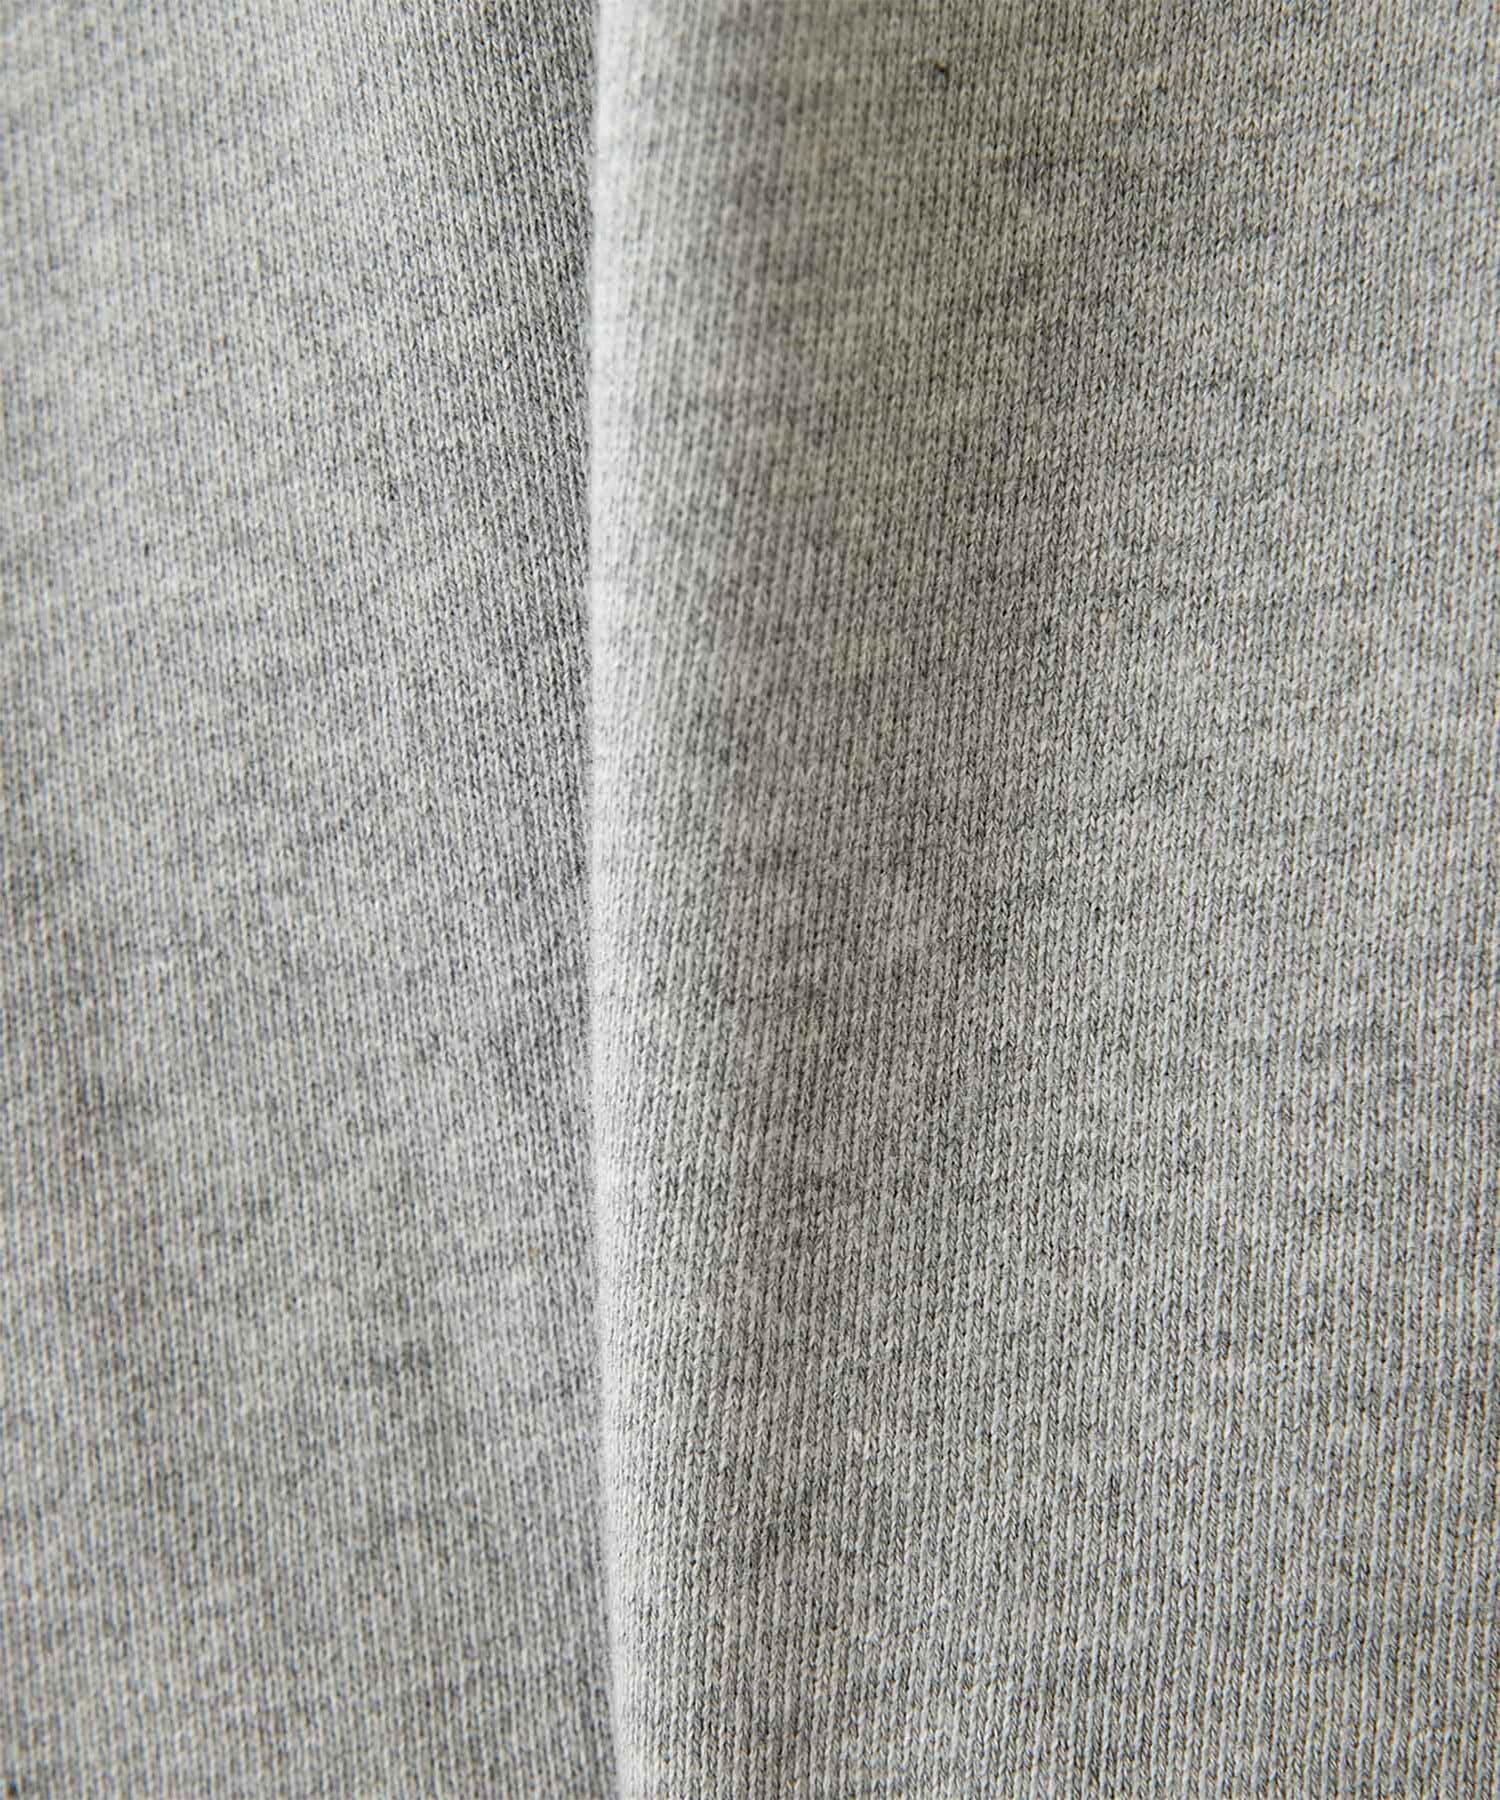 GALLARDAGALANTE(ガリャルダガランテ) ロゴ刺繍スウェットプルオーバー【オンラインストア限定商品】